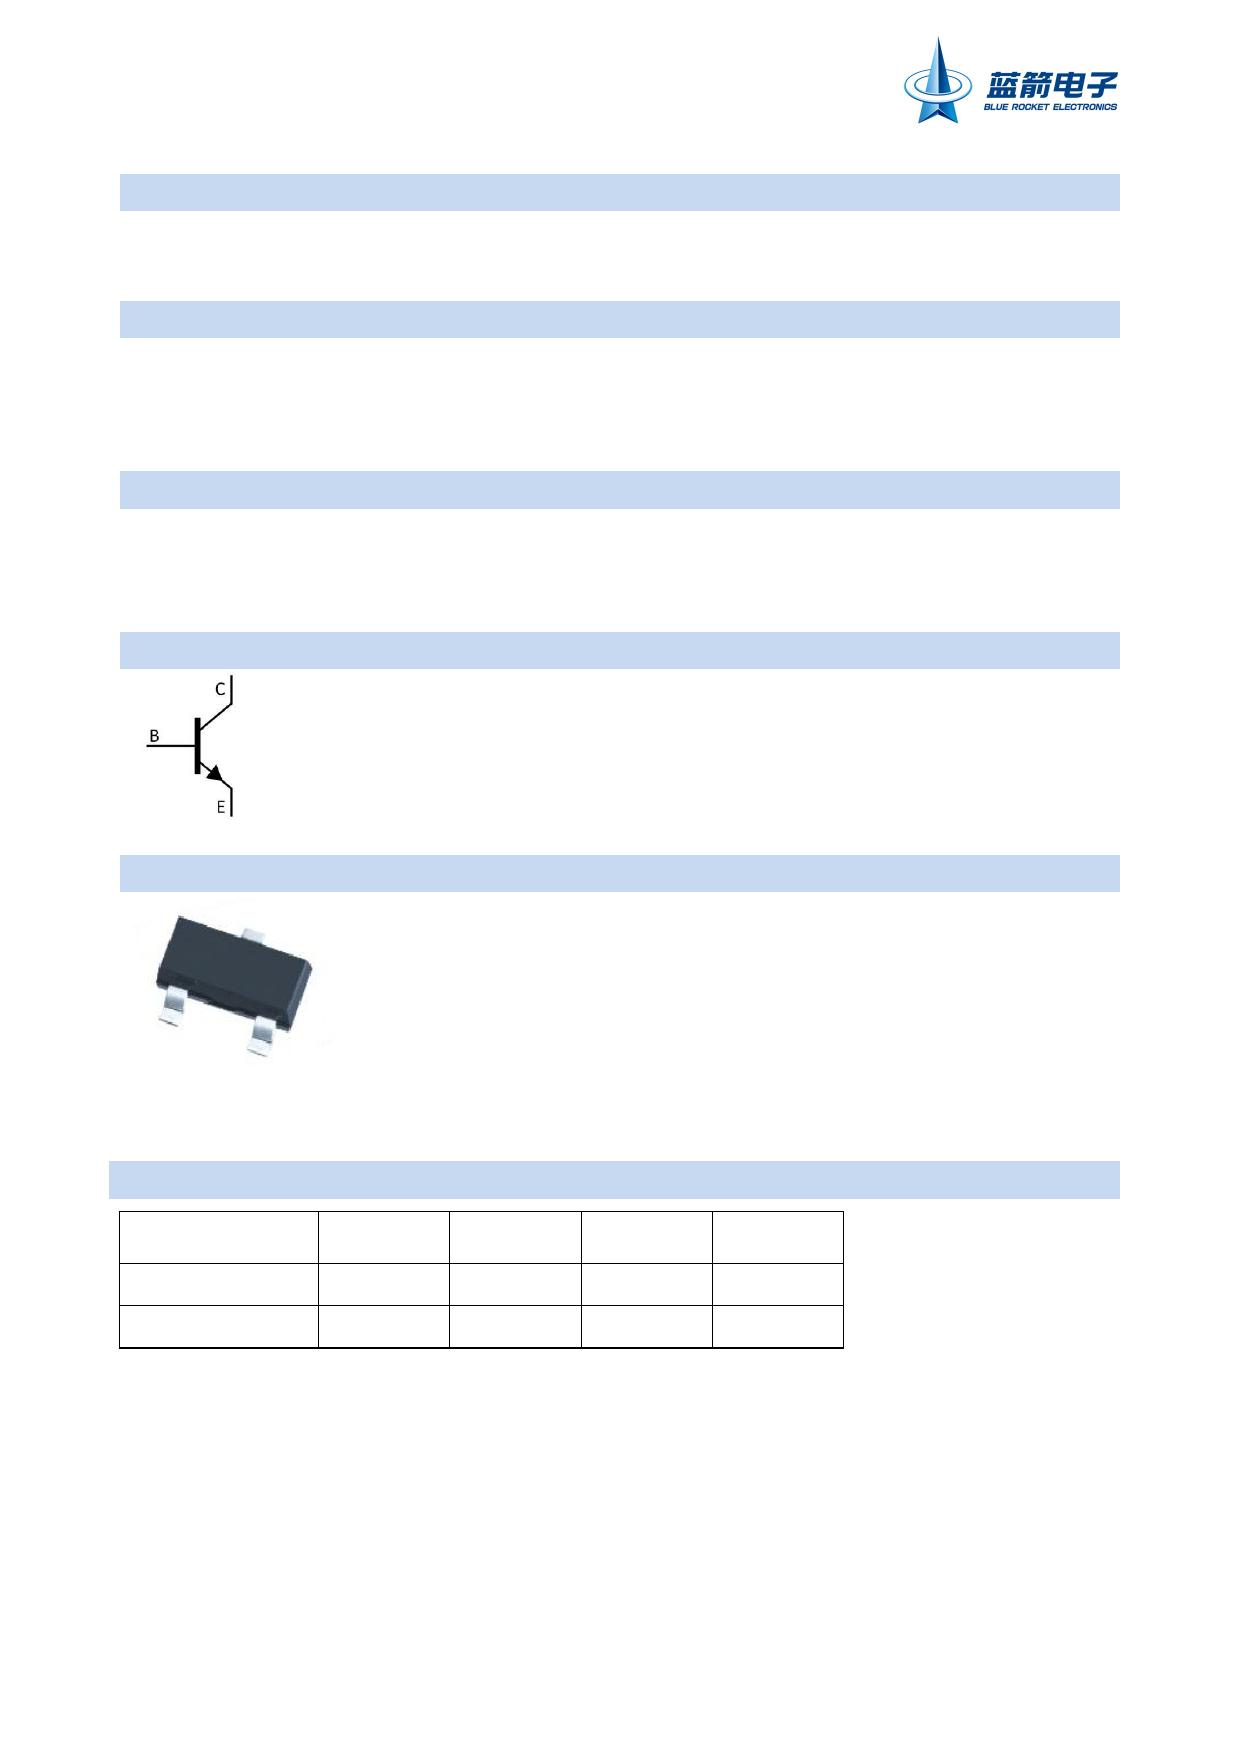 9014MG datasheet